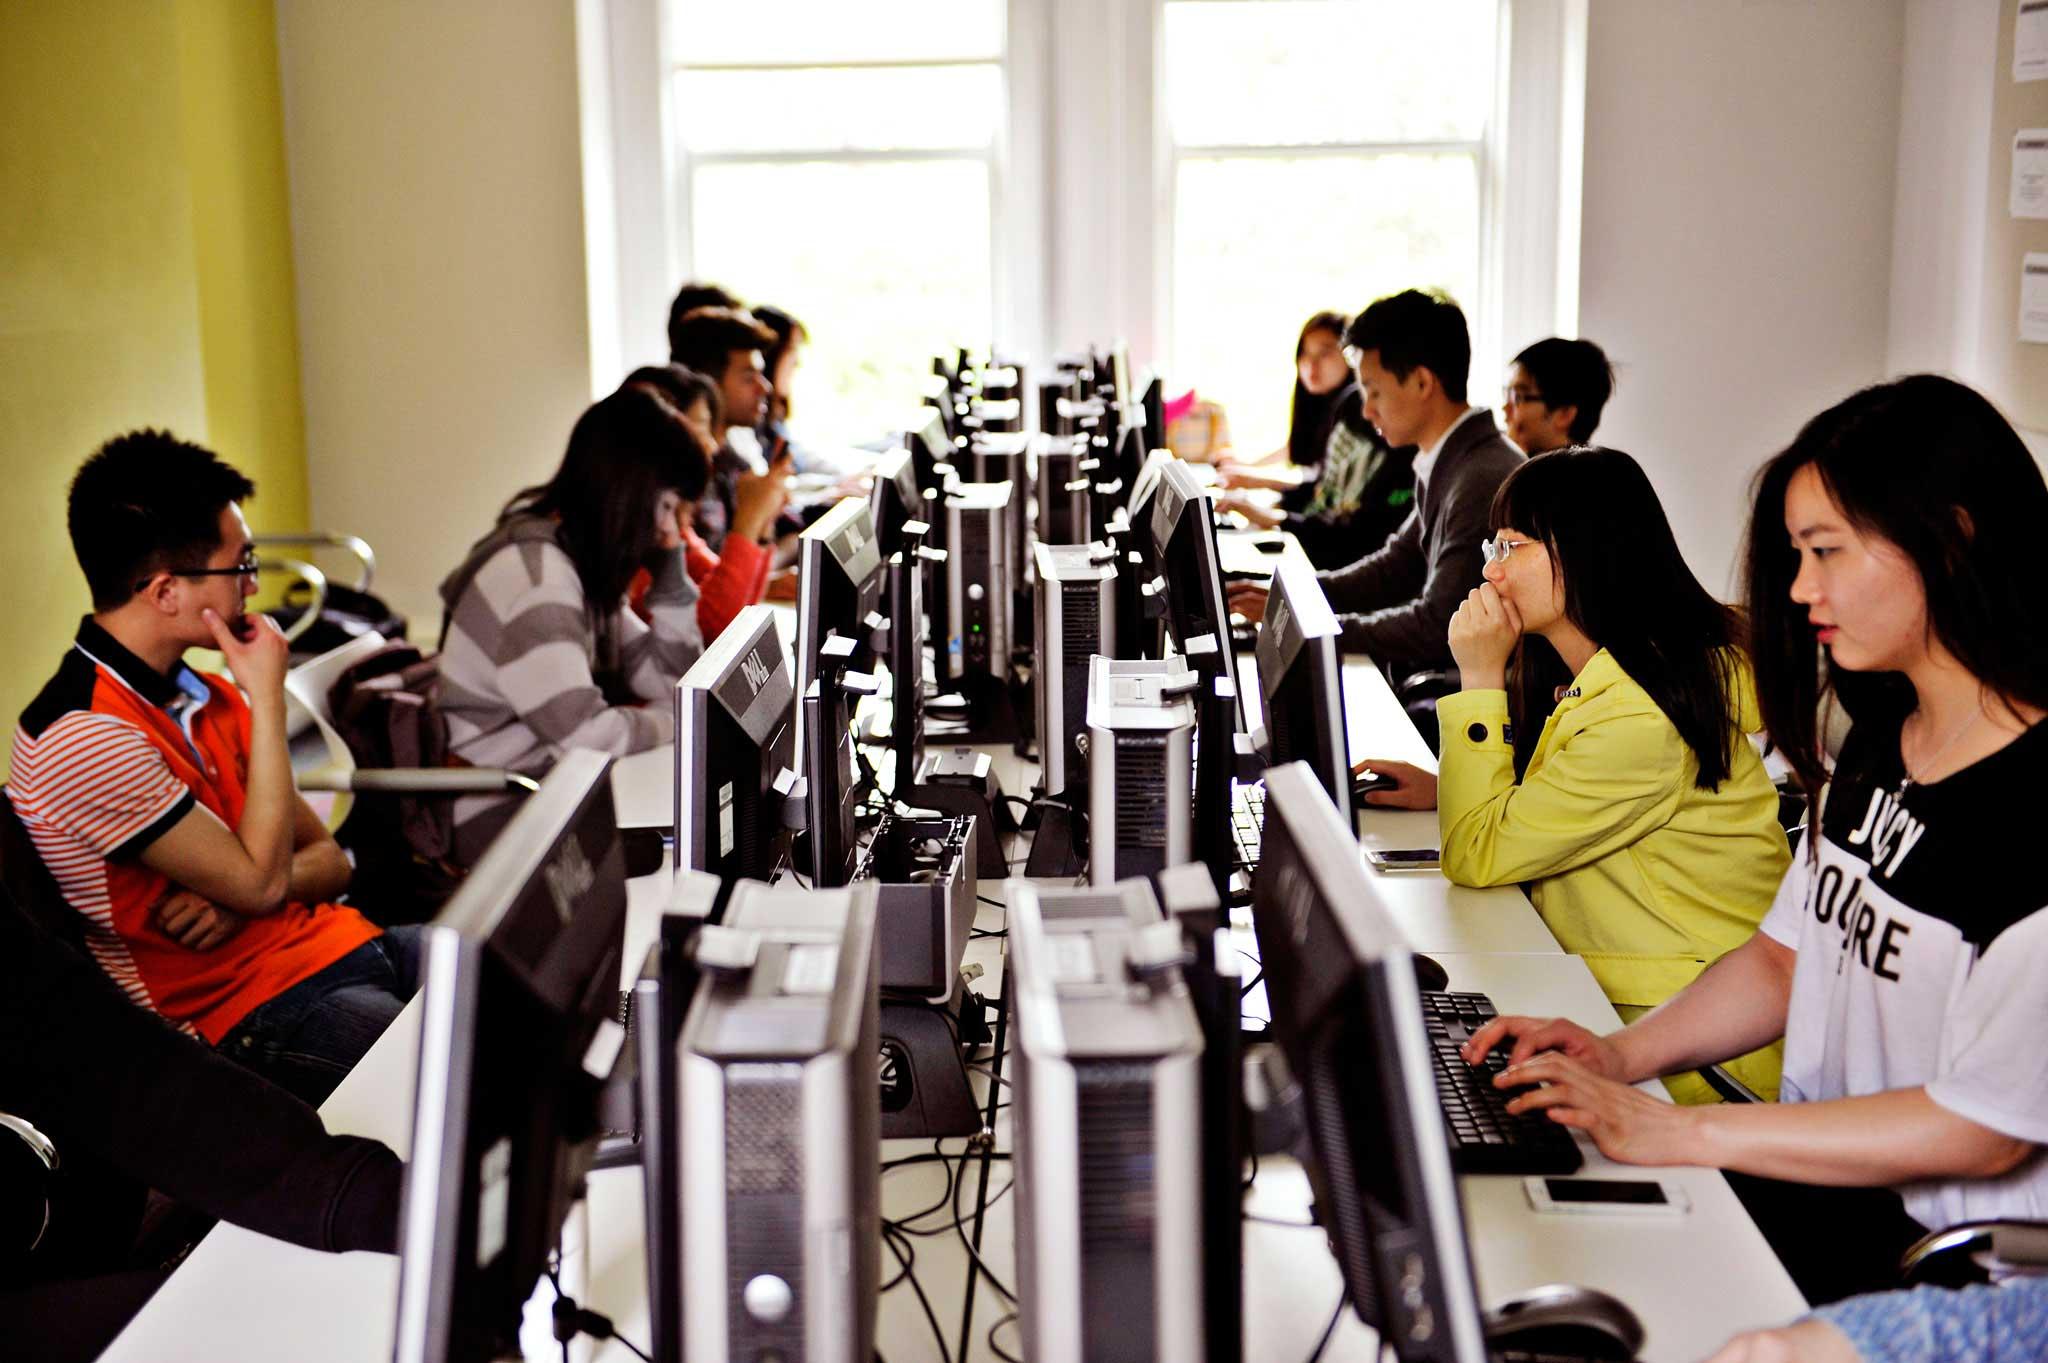 تتوفر أجهزة الكمبيوتر للاستخدام في جميع أنحاء الحرم الجامعي